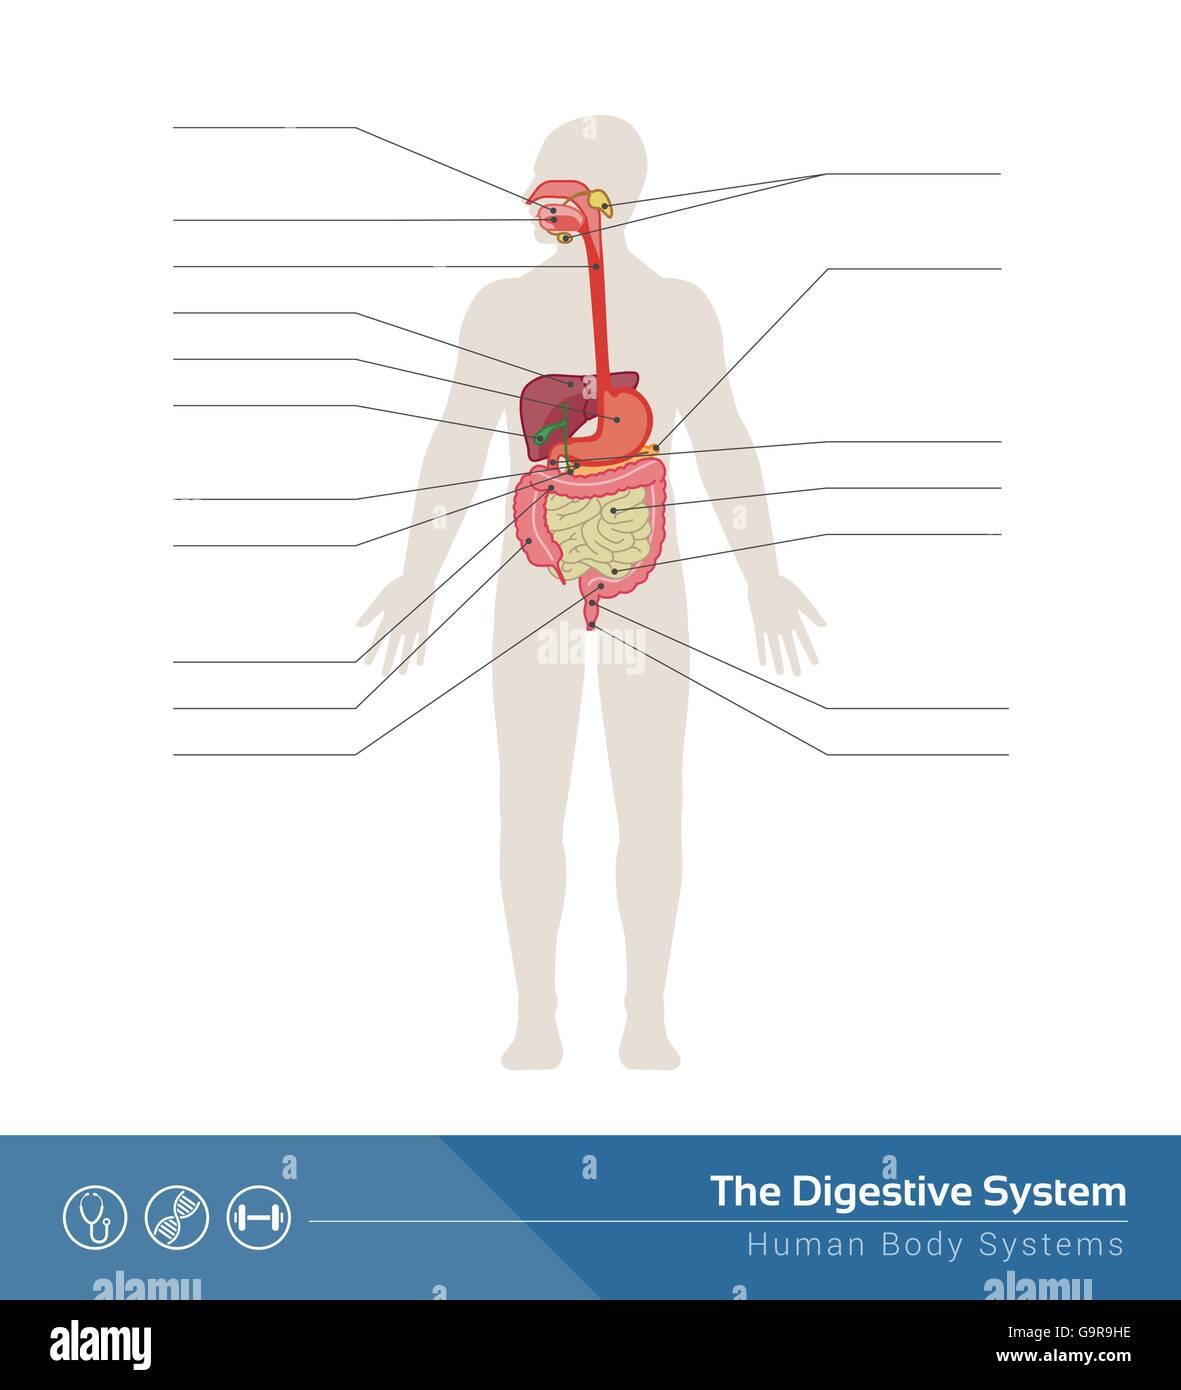 El sistema digestivo humano ilustración médica con órganos internos ...